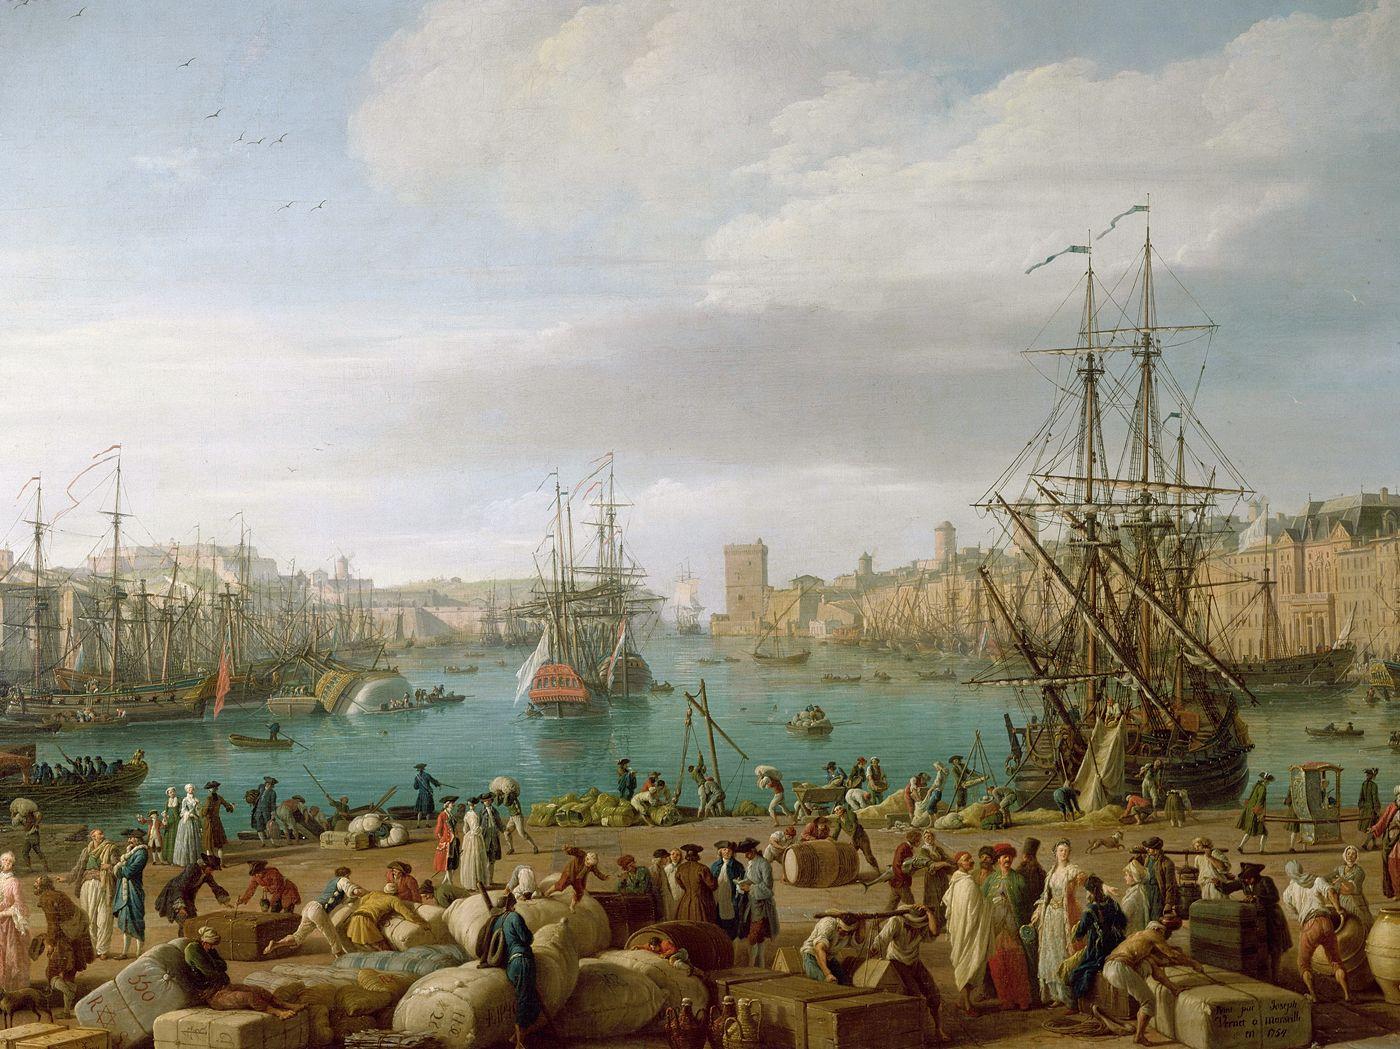 Histoire g ographie isle de saone histoire des arts la for Interieur 18eme siecle